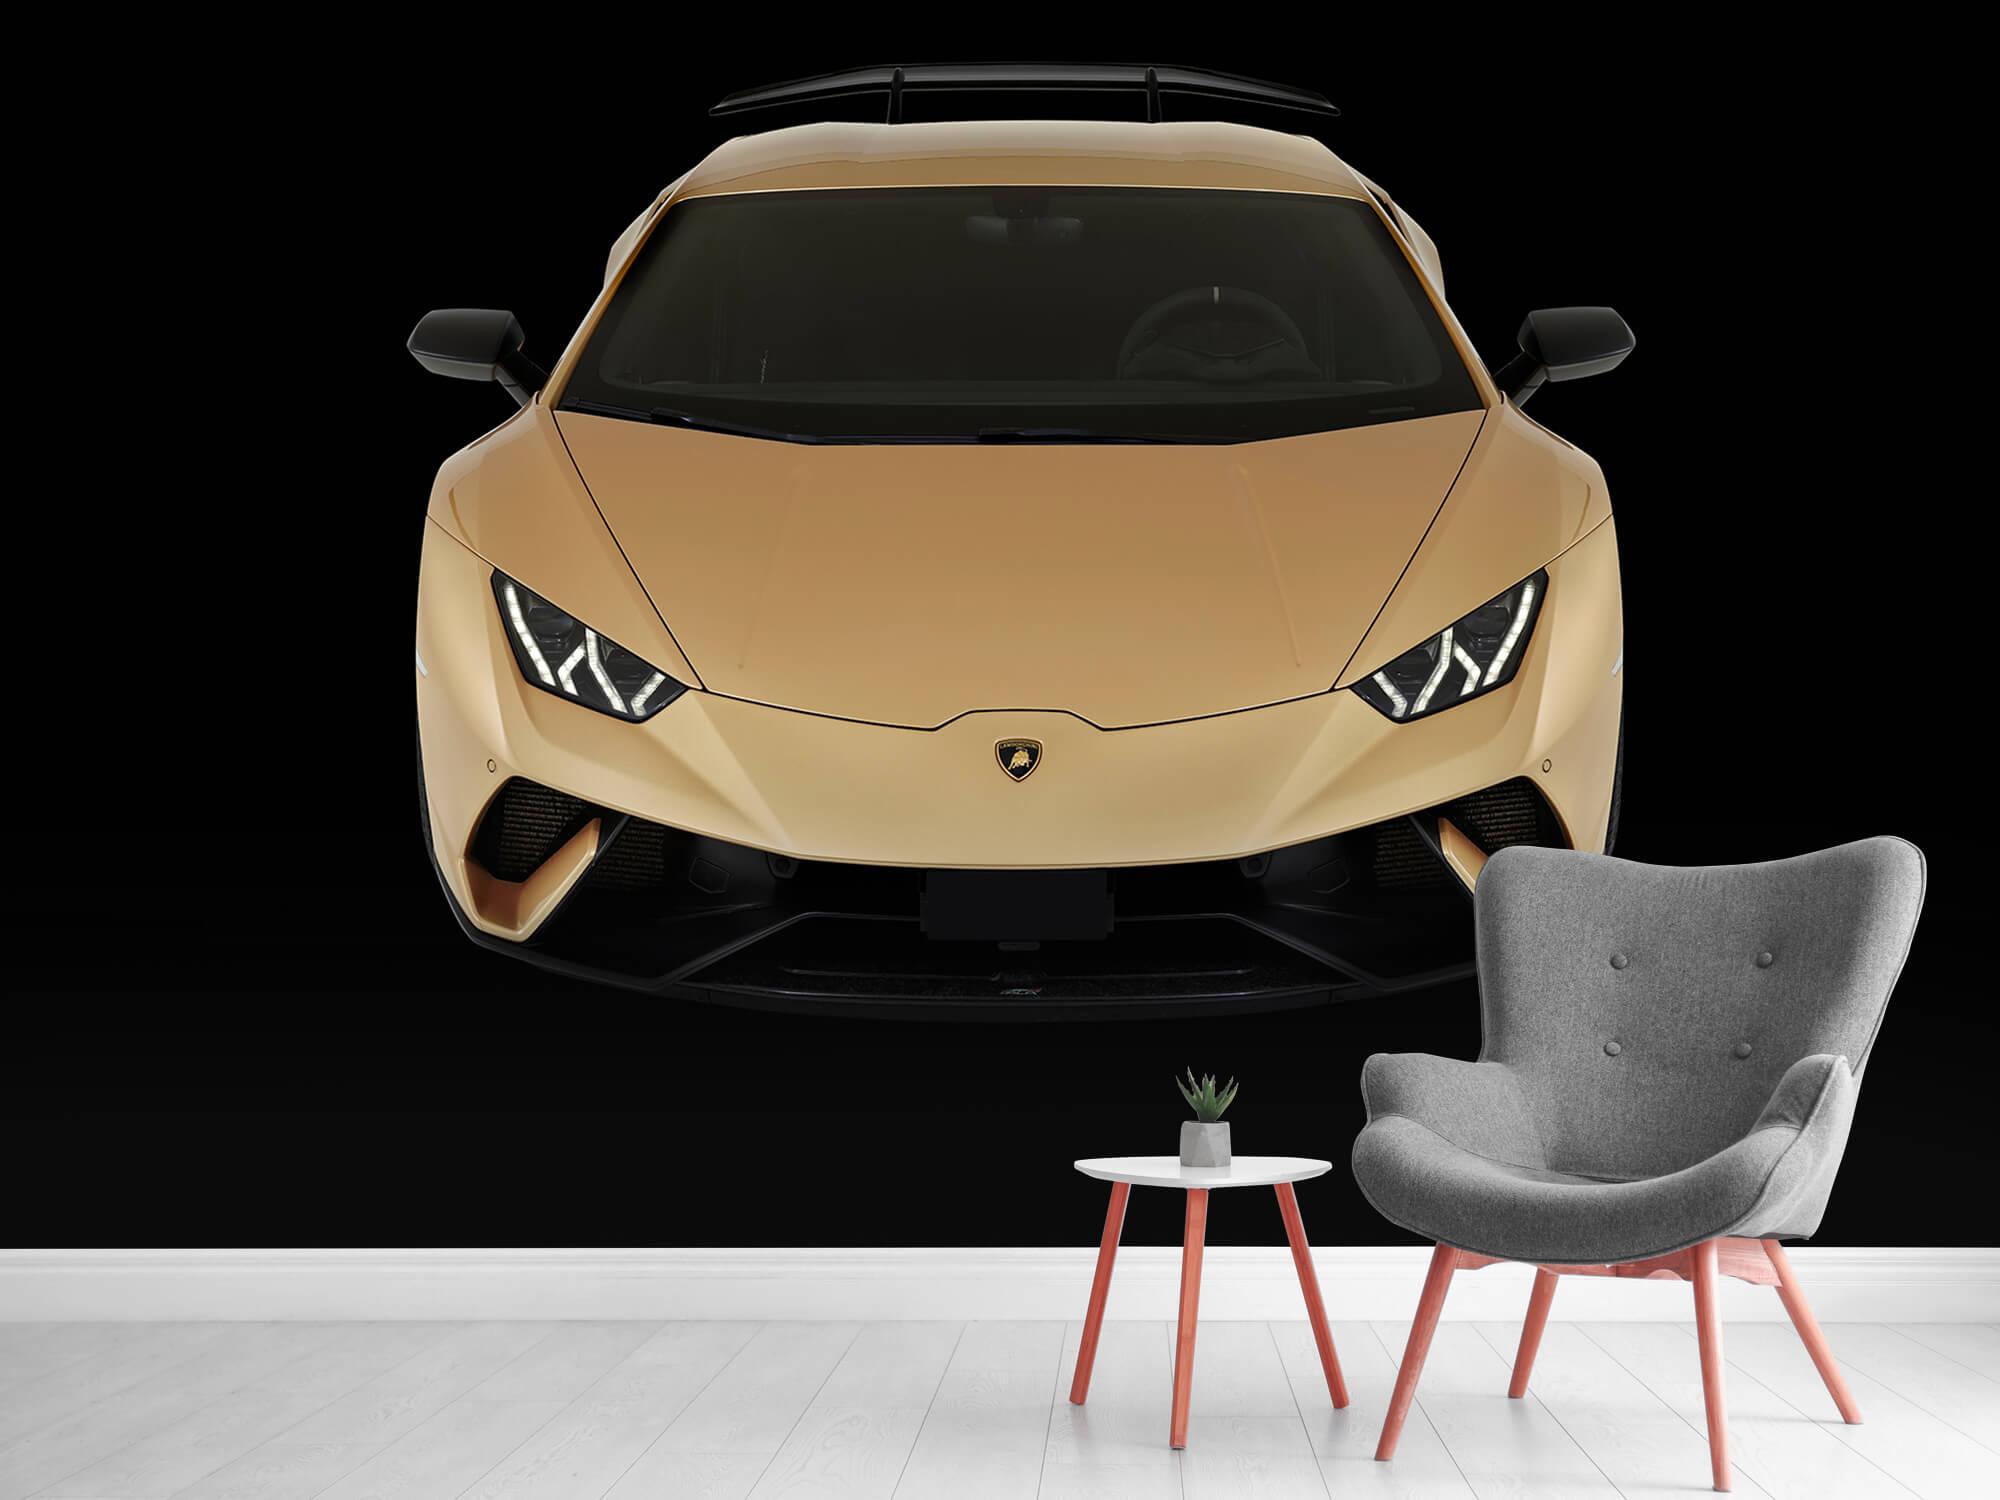 Wallpaper Lamborghini Huracán - Voorkant vanaf boven, zwart 10